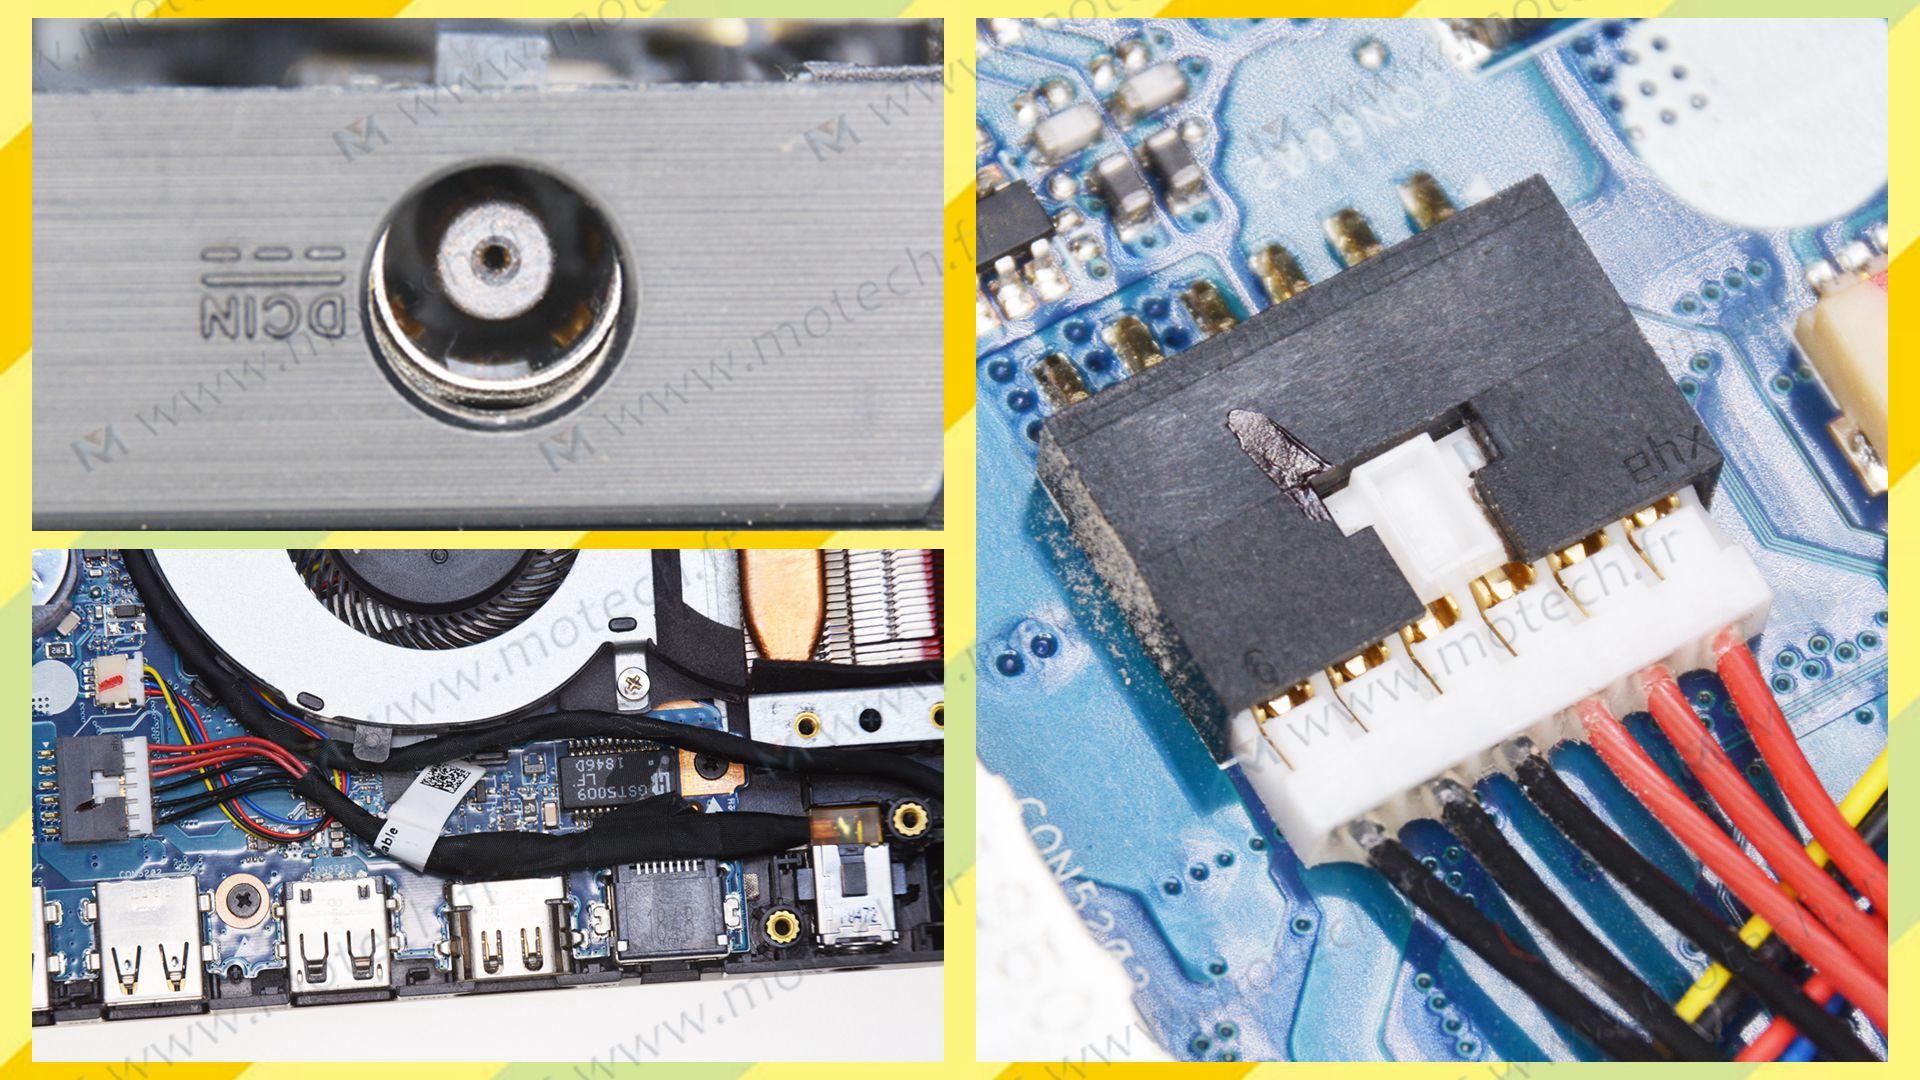 repair charging connector Asus TUF765GE-EV088T, repair DC Power Jack Asus TUF765GE-EV088T, repair DC IN Cable Asus TUF765GE-EV088T, repair Jack socket Asus TUF765GE-EV088T, repair plug Asus TUF765GE-EV088T, repair DC Alimantation Asus TUF765GE-EV088T, replace charging connector Asus TUF765GE-EV088T, replace DC Power Jack Asus TUF765GE-EV088T, replace DC IN Cable Asus TUF765GE-EV088T, replace Jack socket Asus TUF765GE-EV088T, replace plug Asus TUF765GE-EV088T, replace DC Alimantation Asus TUF765GE-EV088T,